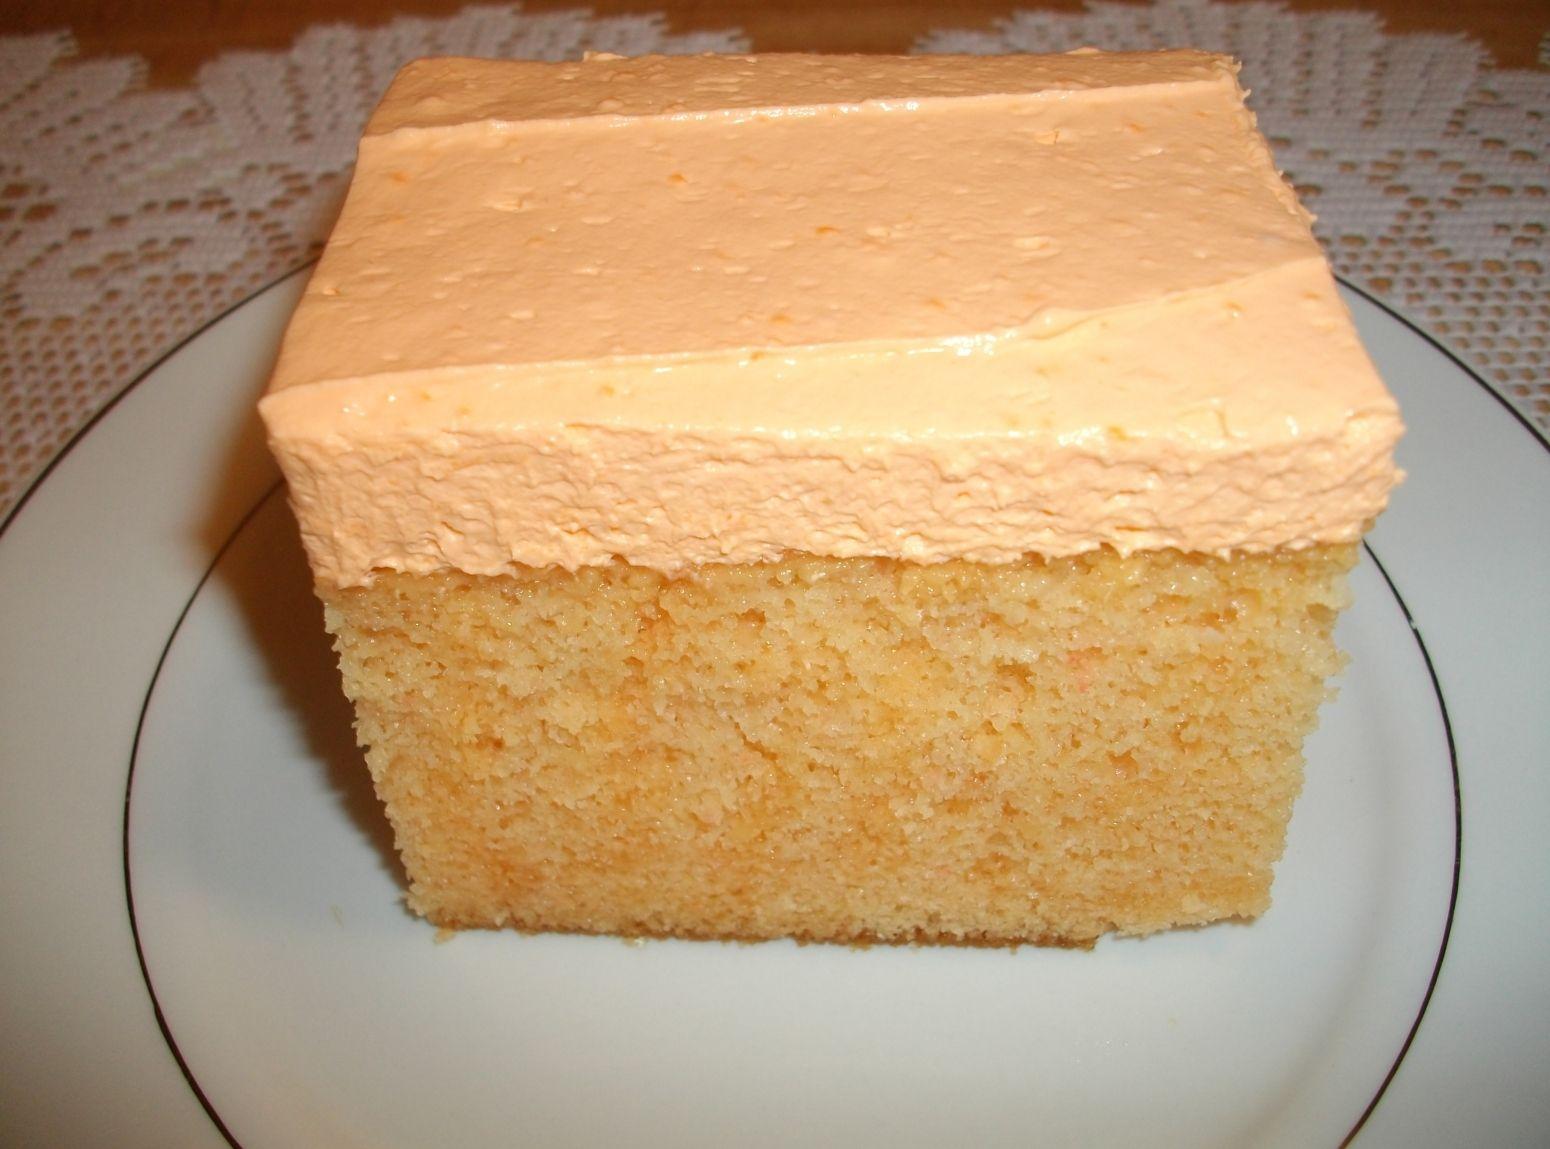 Creamsicle jell o cake recipe sugar free jello jello and sugar free forumfinder Gallery